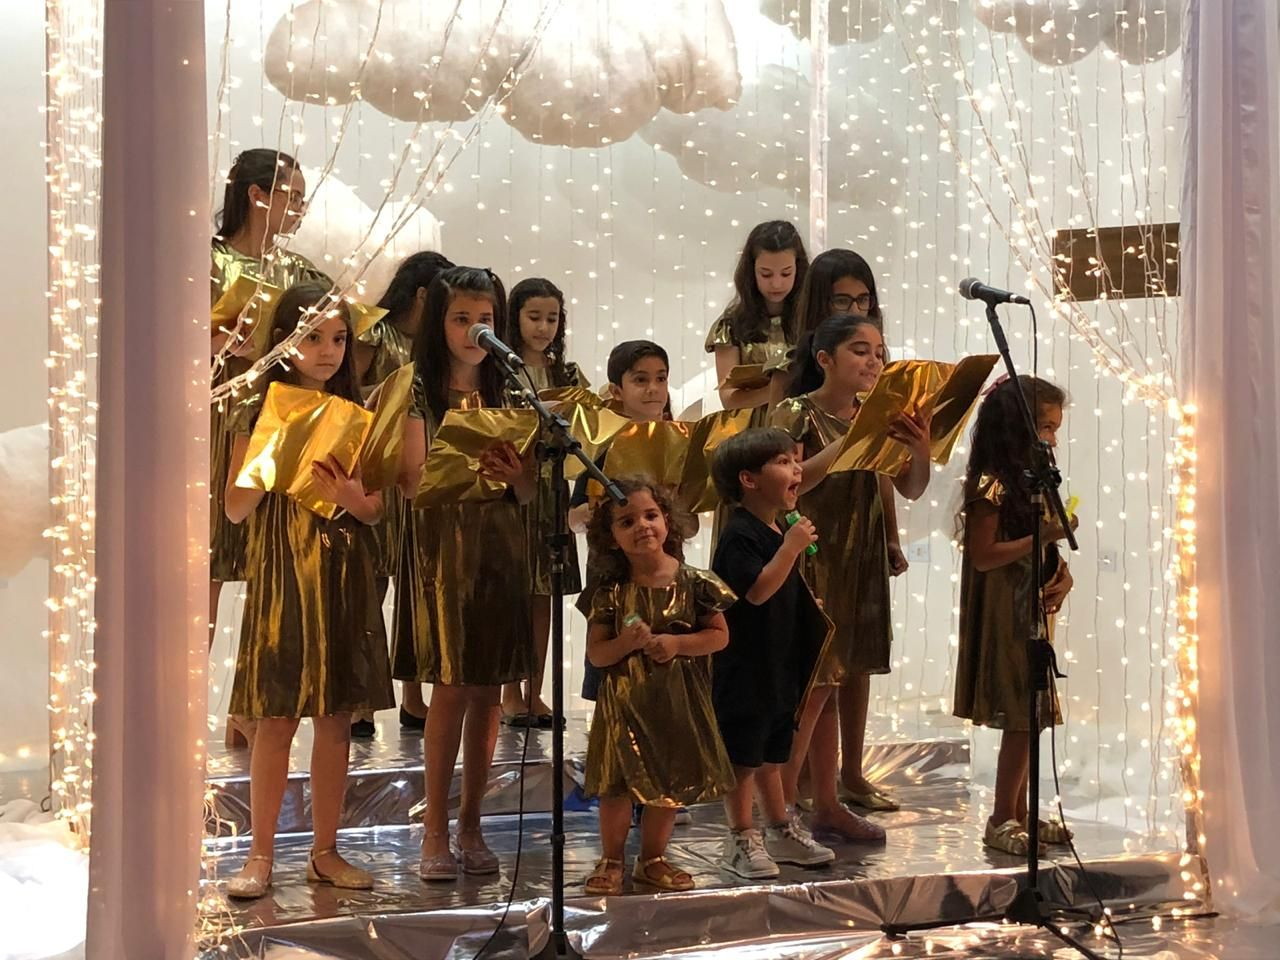 Cantata de Natal - Brilha Jesus